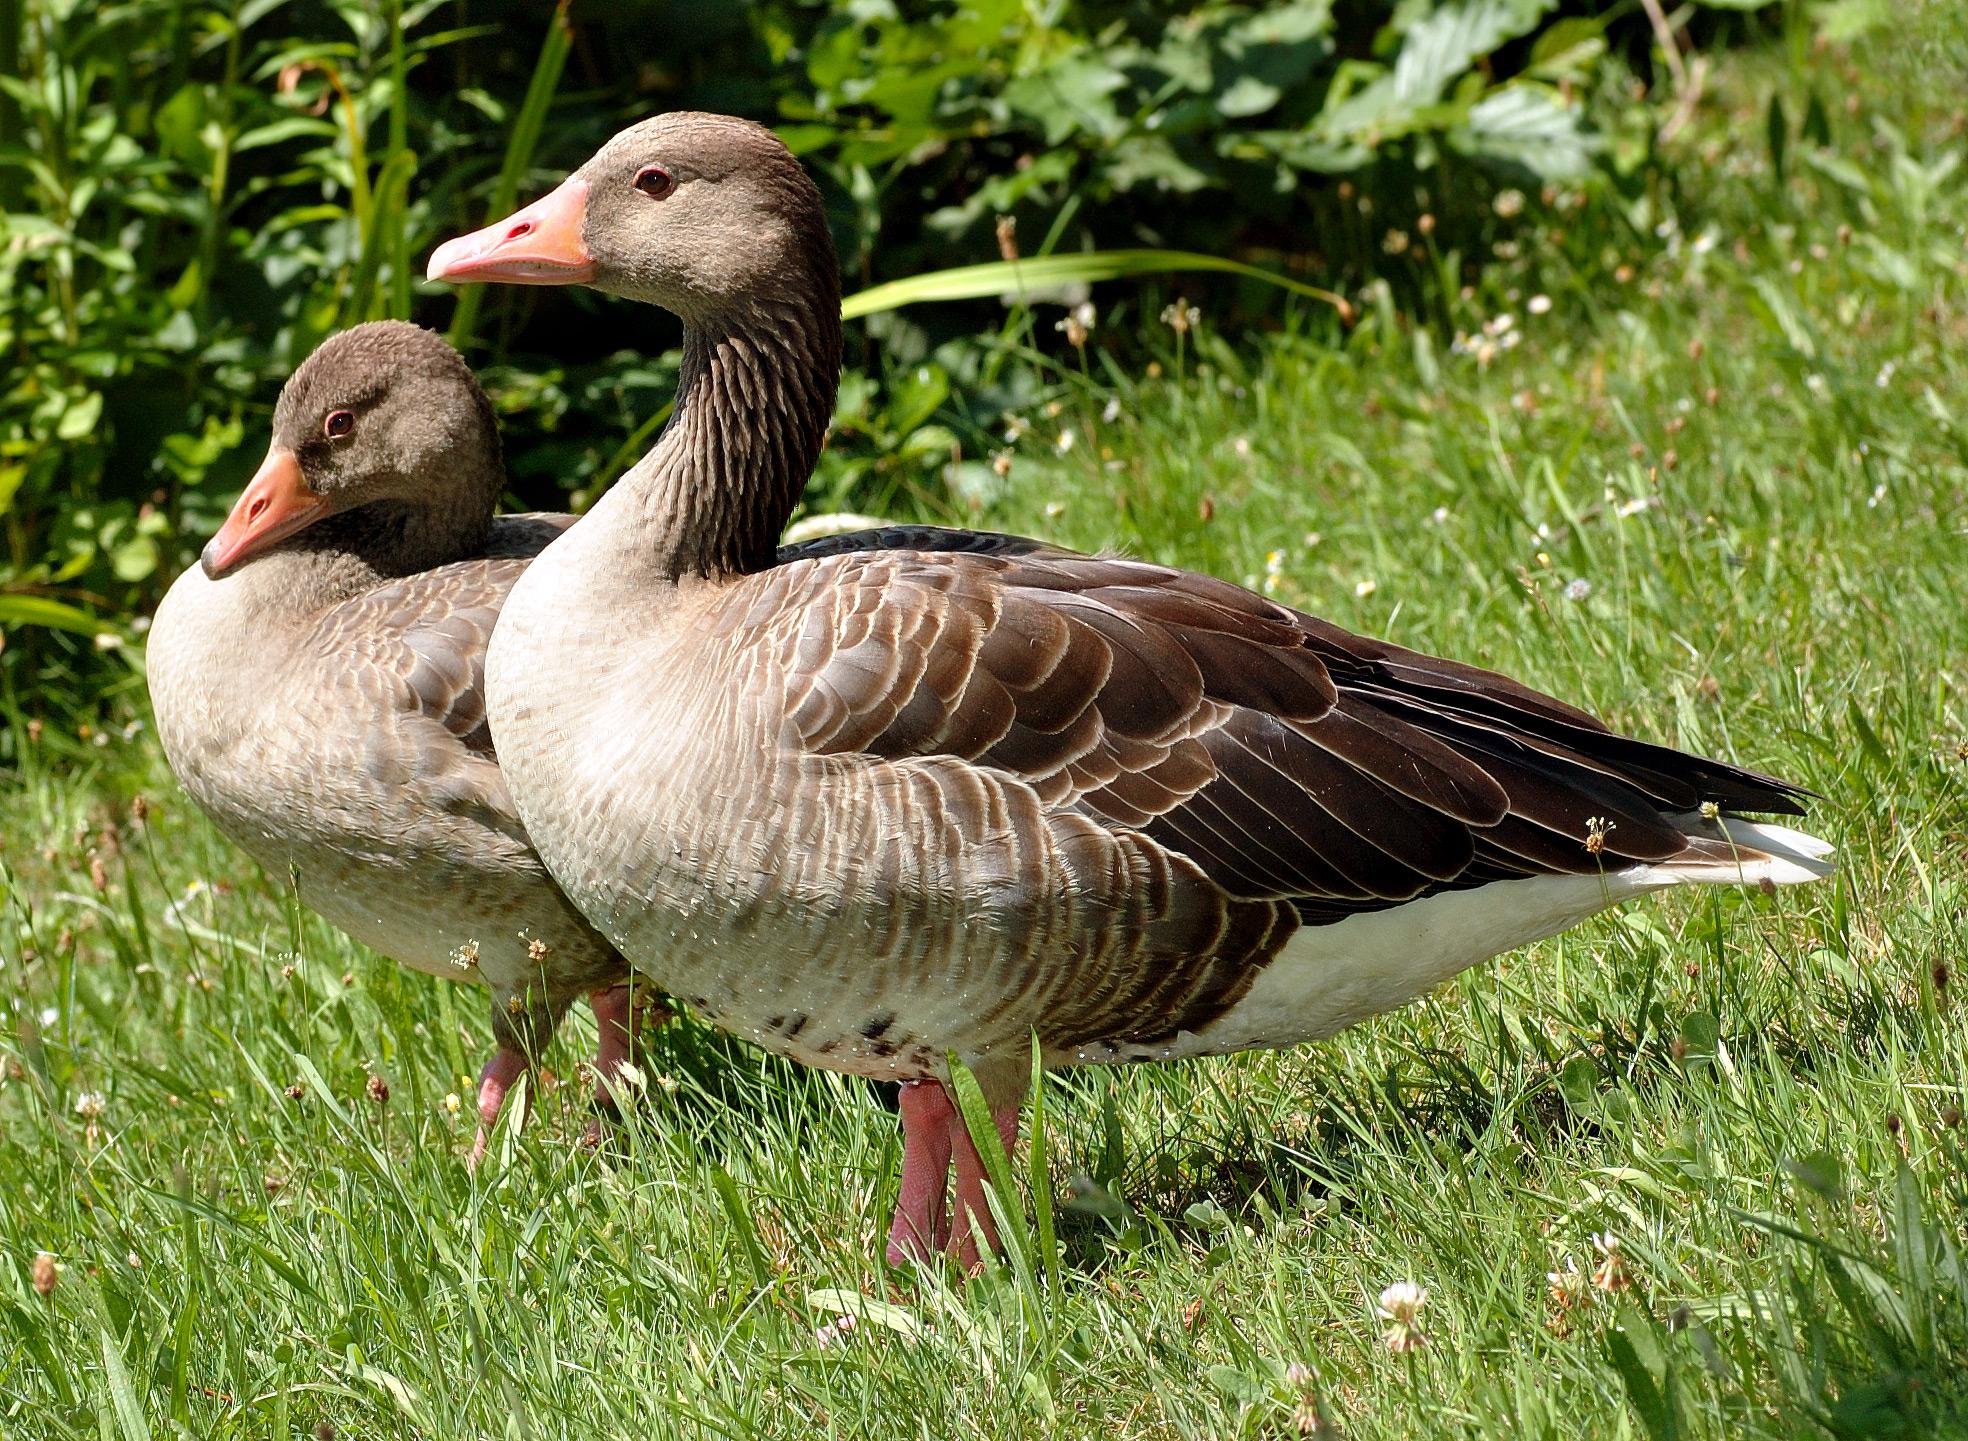 Anser anser, Greylag Goose